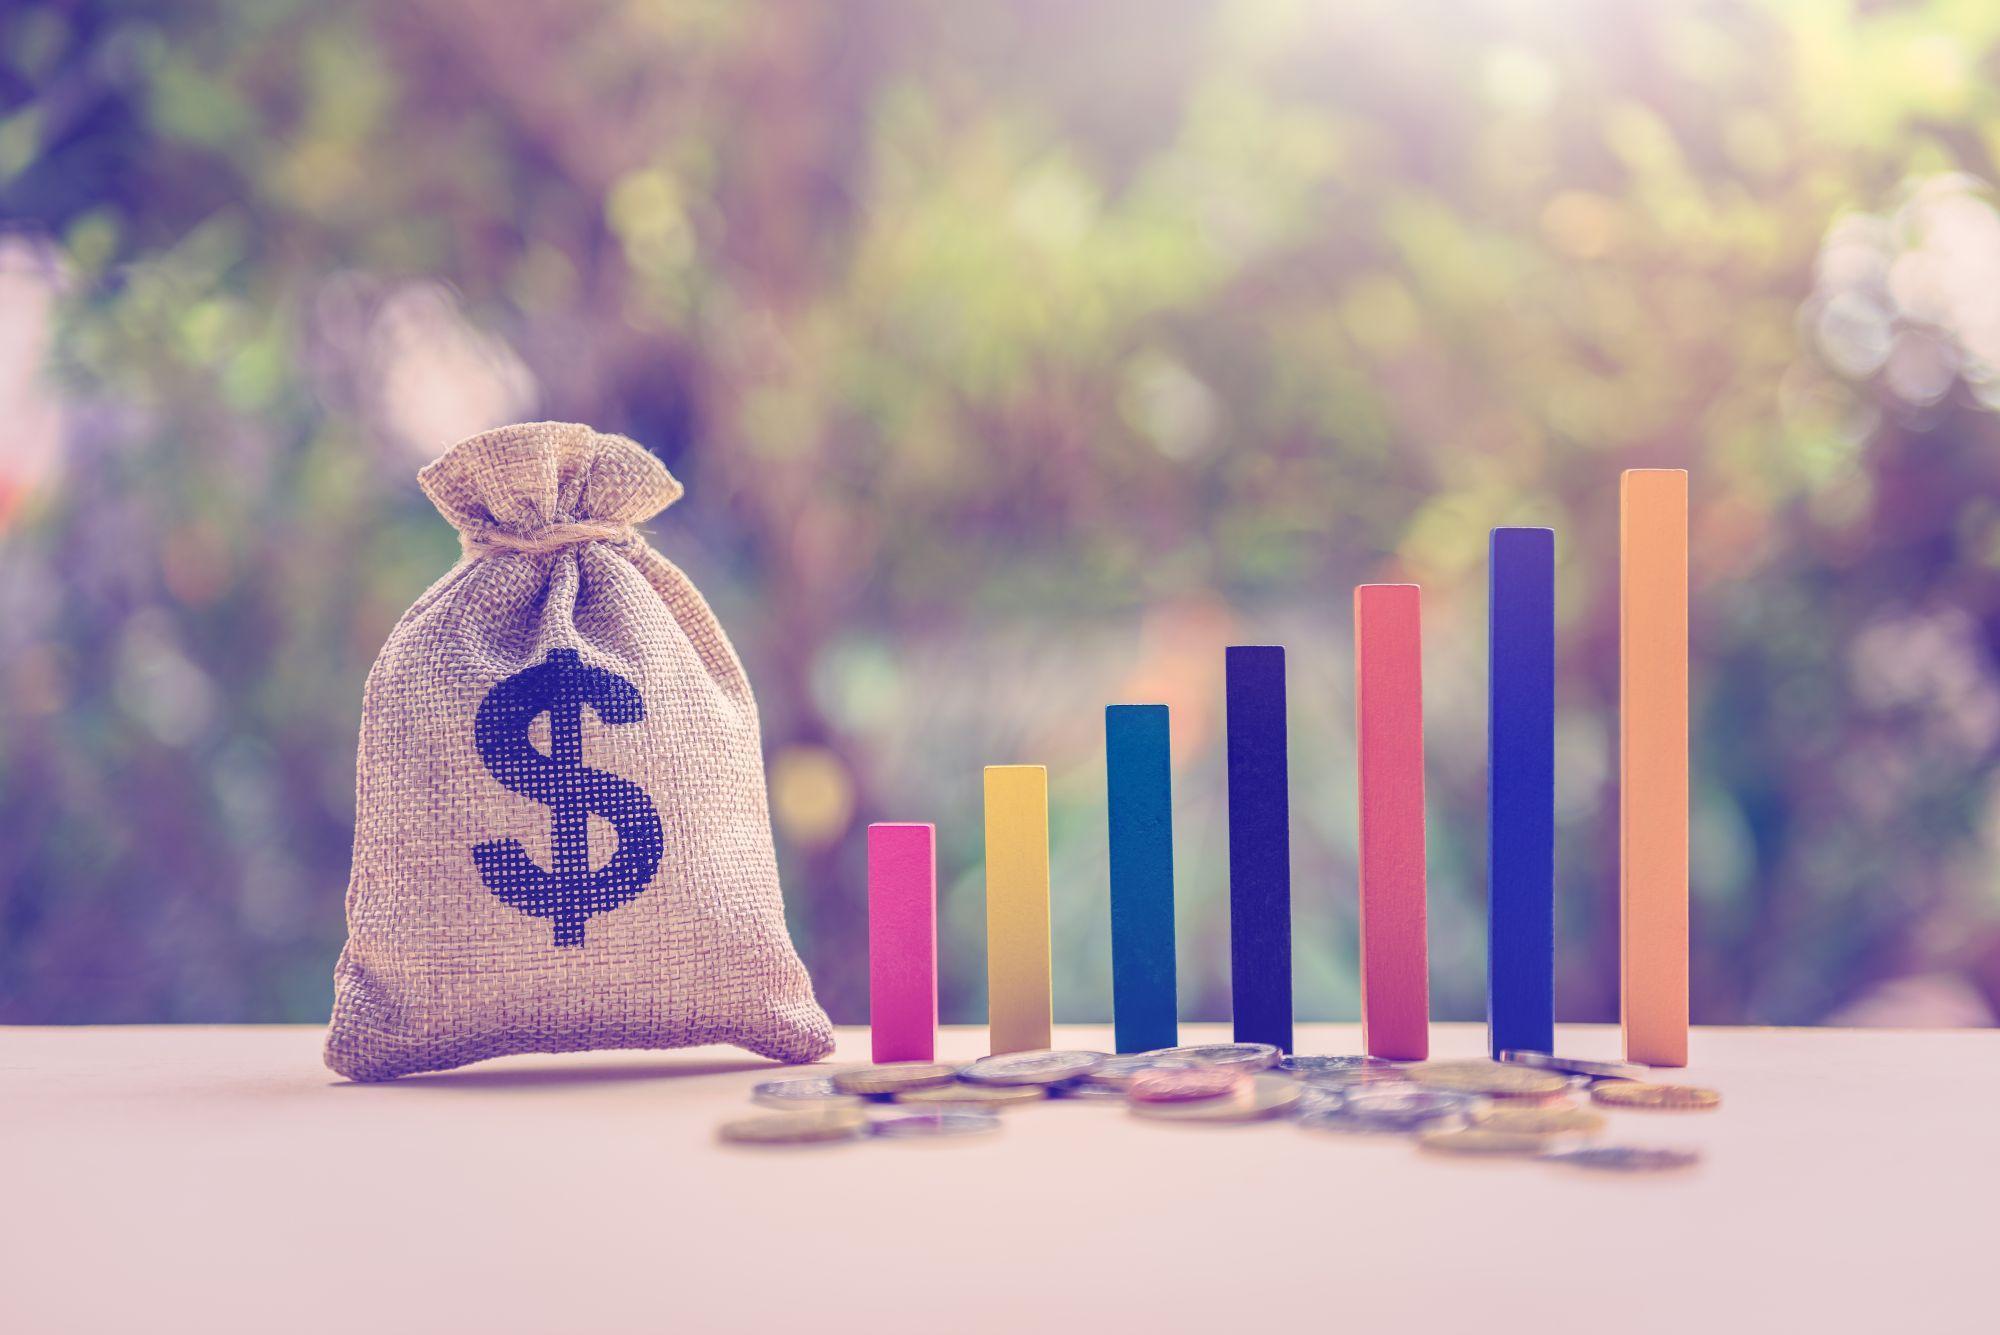 Băncile Centrale trebuie să fie vigilente cu privire la creşterea riscurilor inflaţioniste